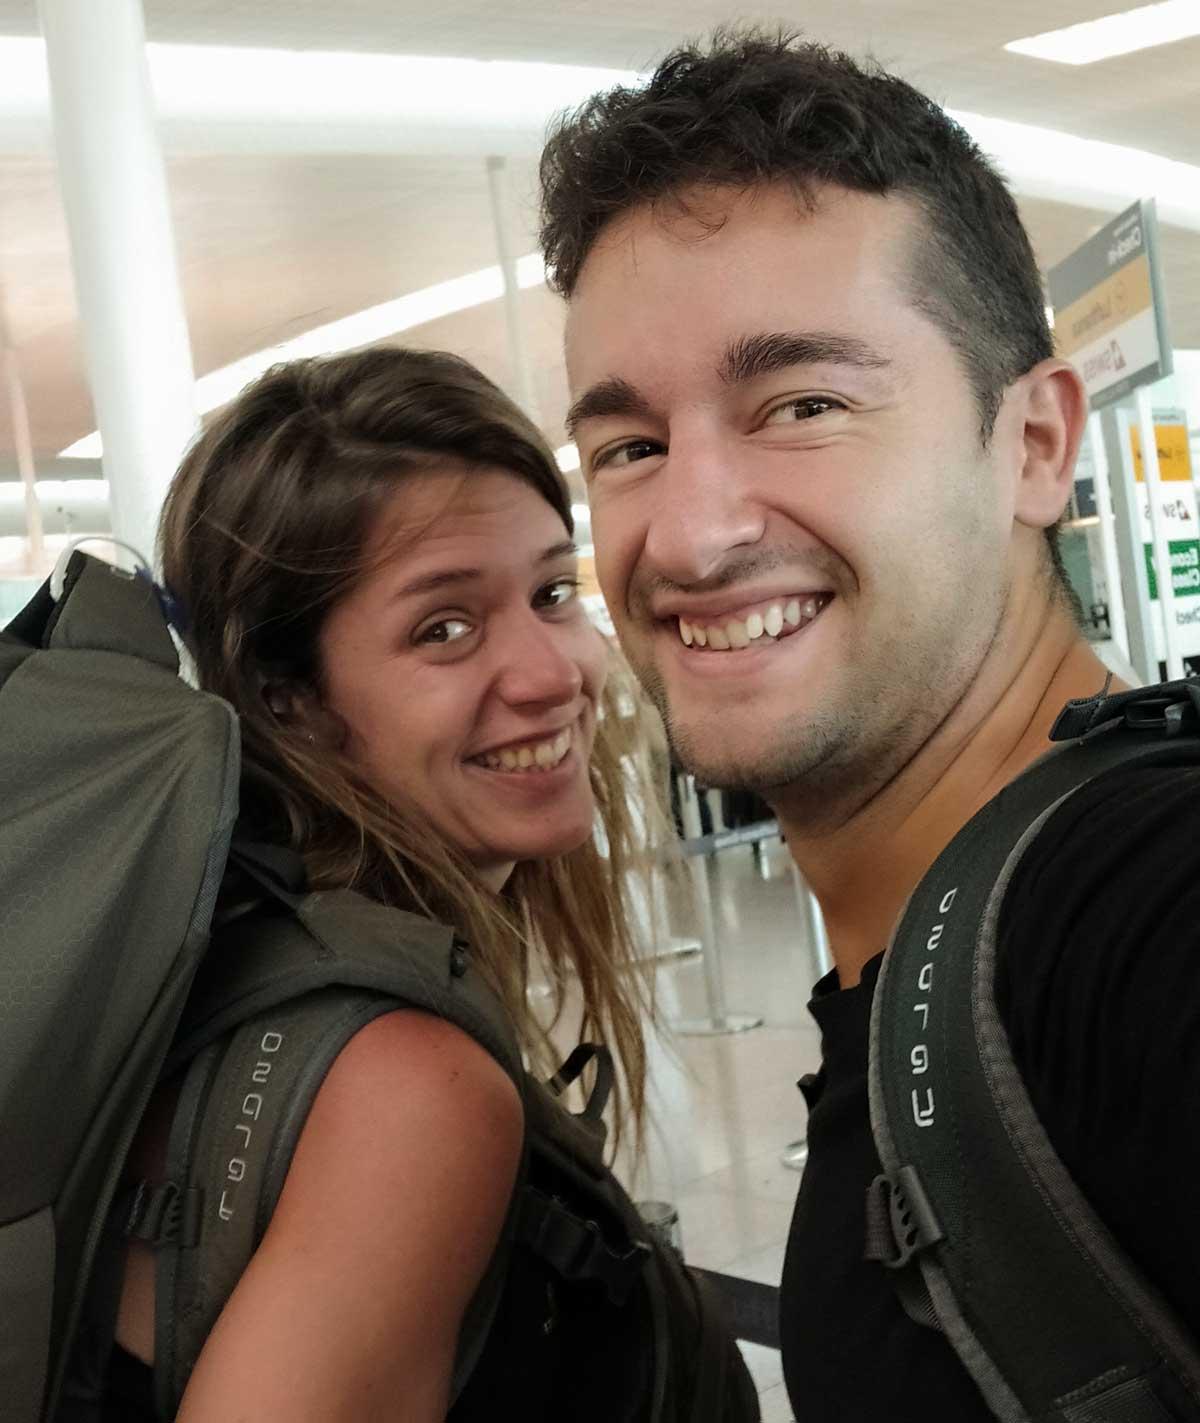 koruventurers-en-el-aeropuerto-de-barcelona